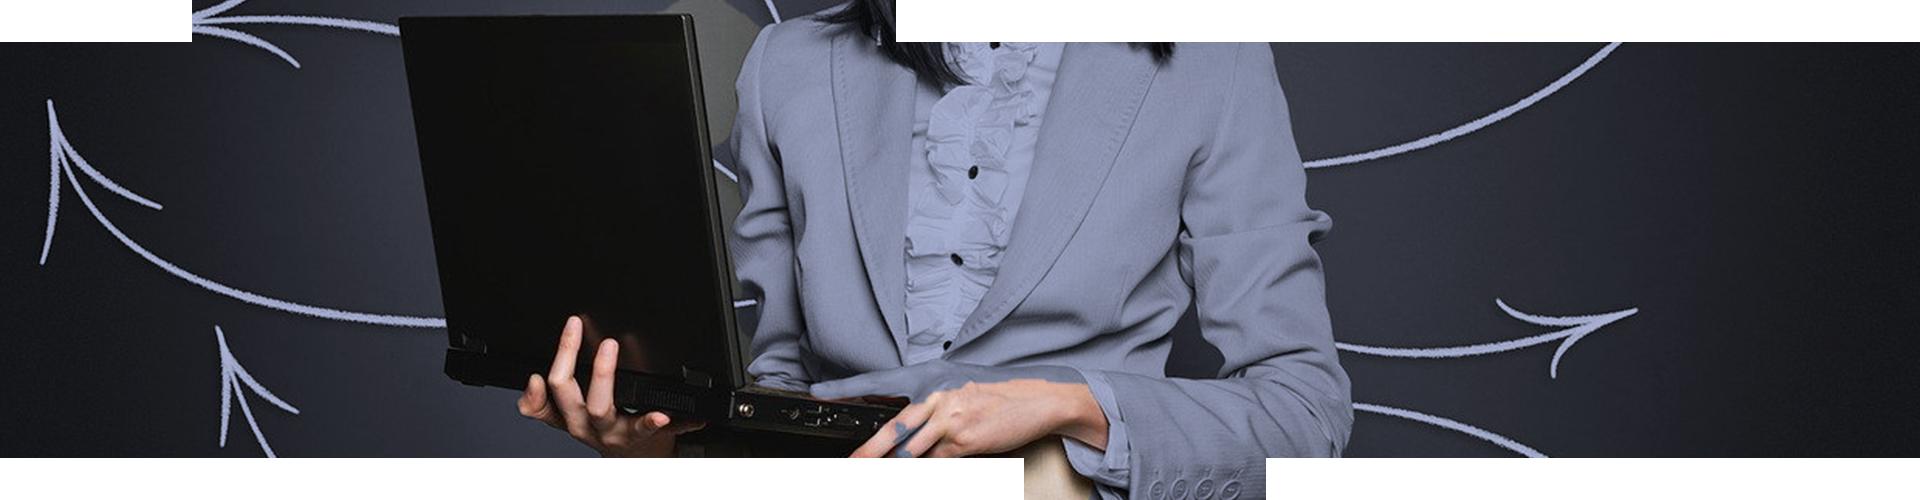 Plataforma eLearning para tu empresa: sigue formando a tus empleados a distancia